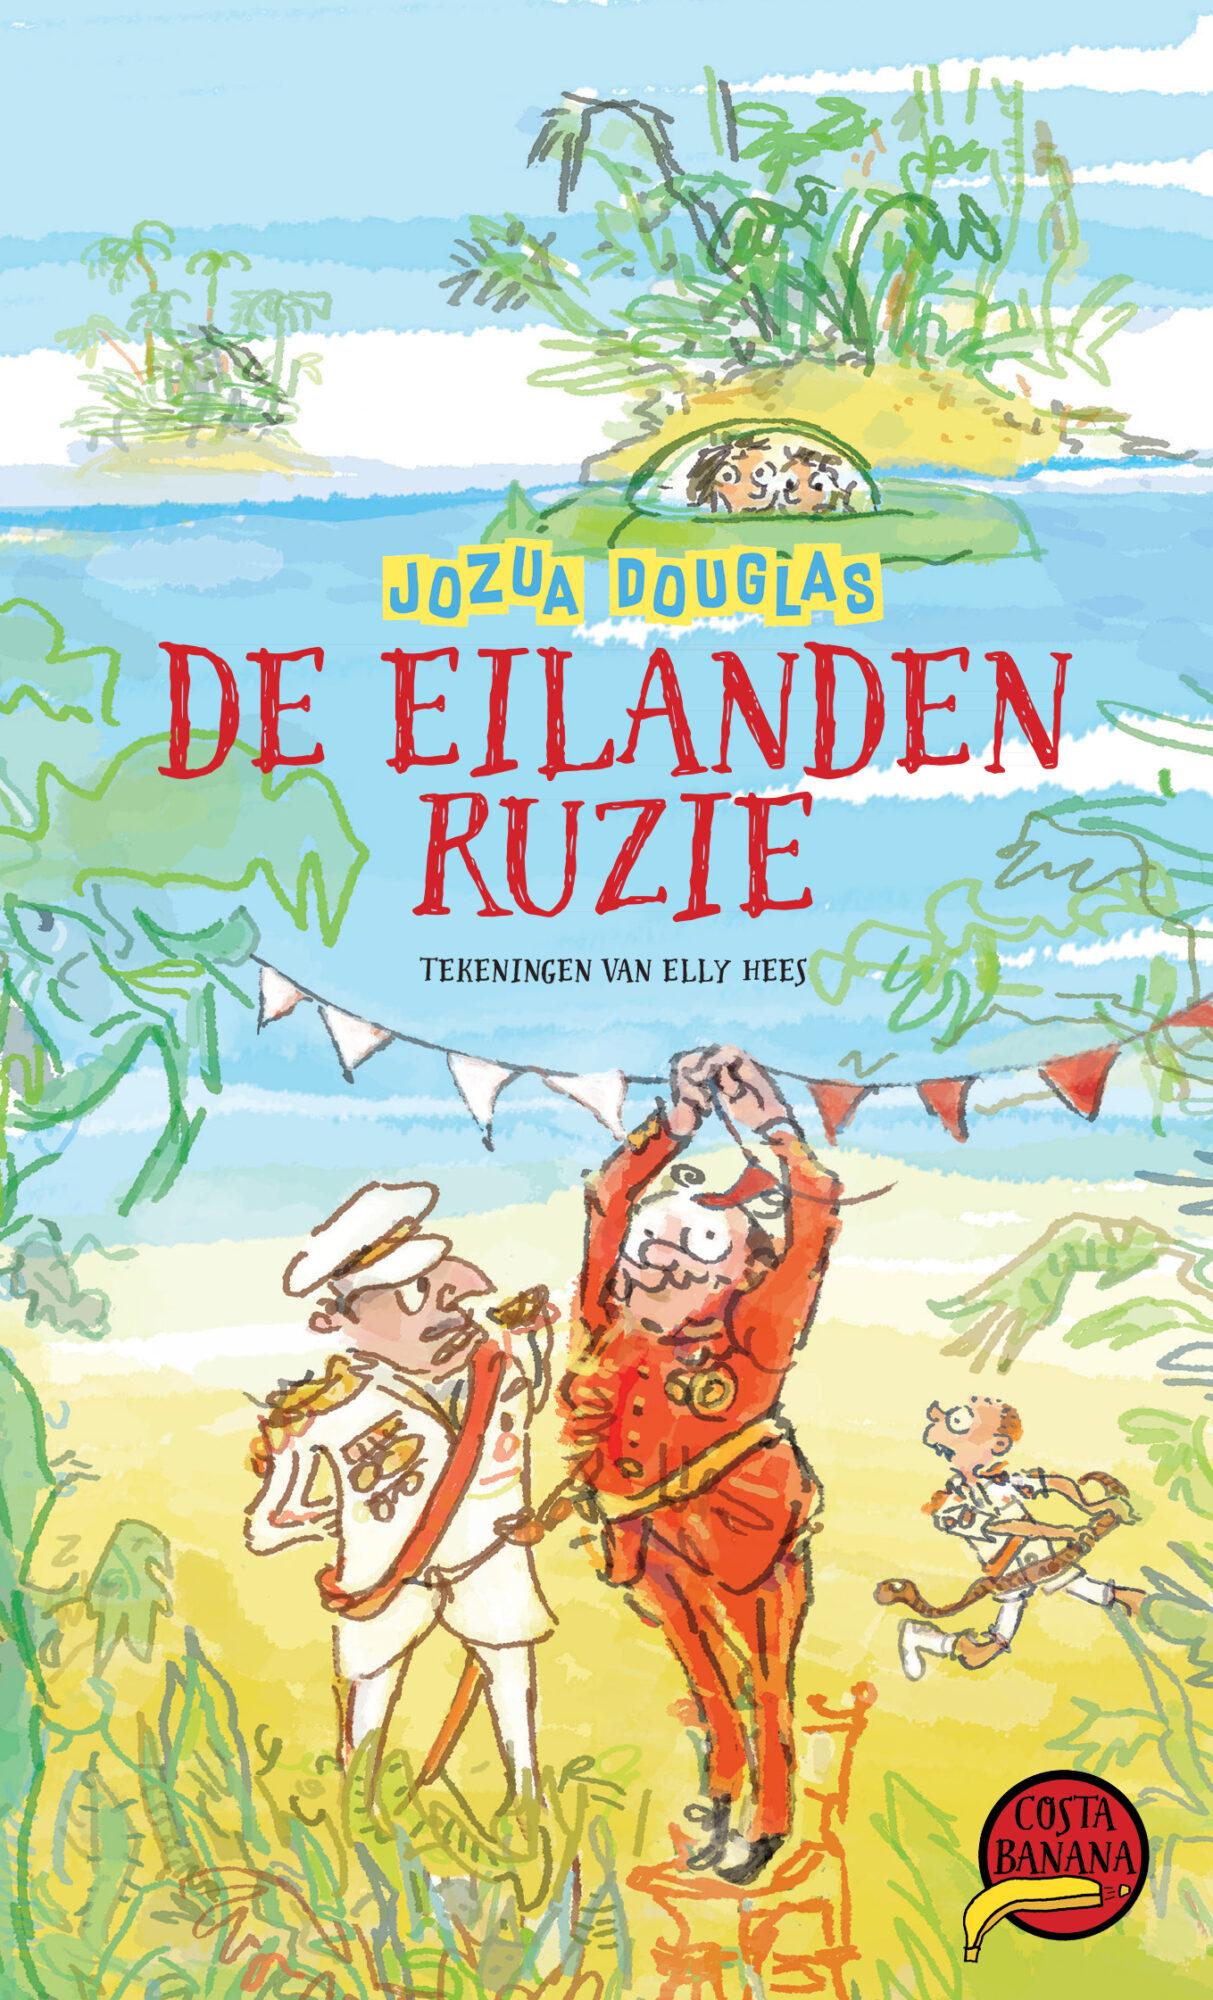 Kinderboekenweekgeschenk 2018